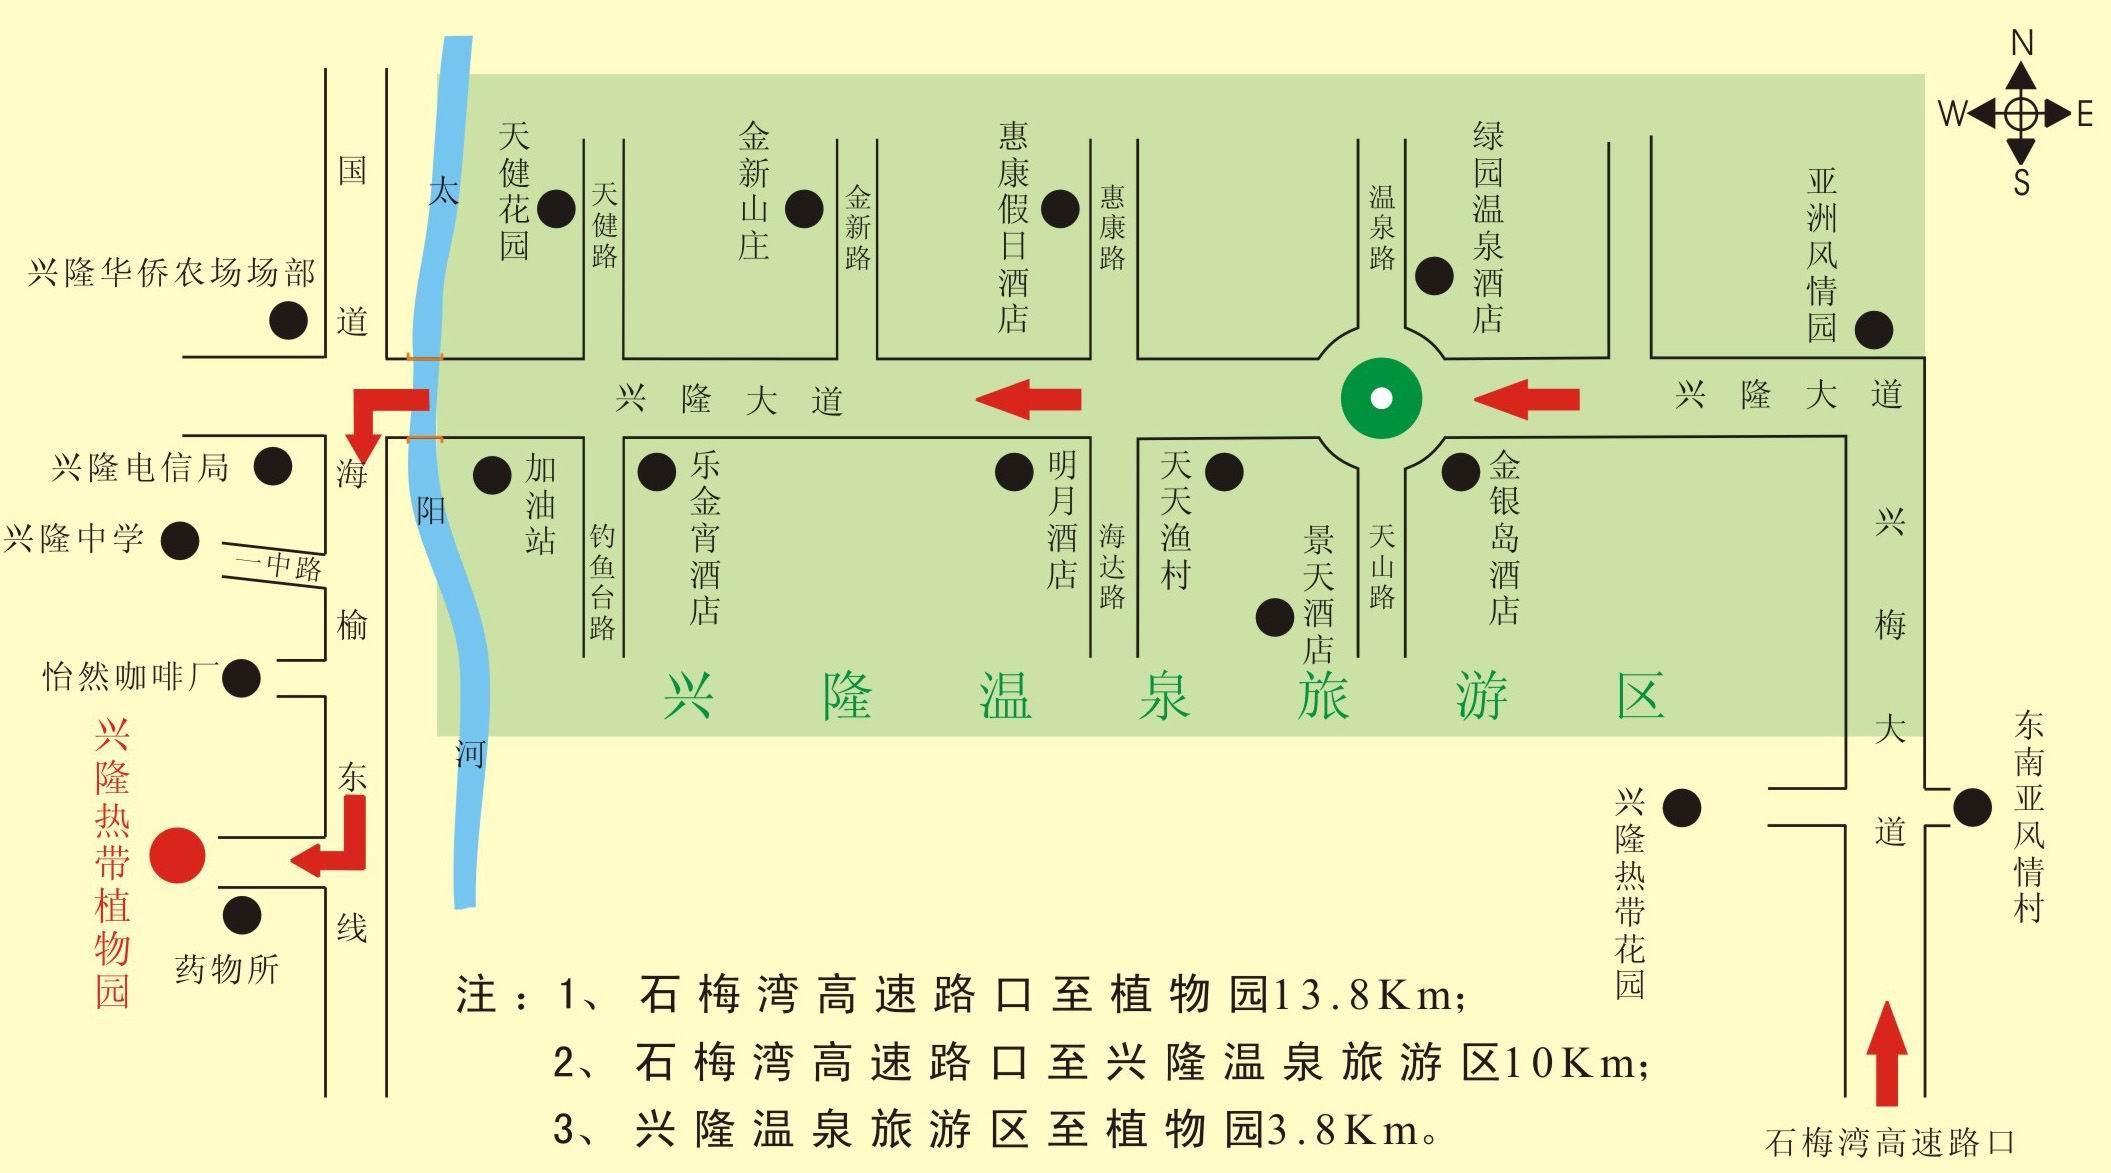 宝来16自动电路图档位显示